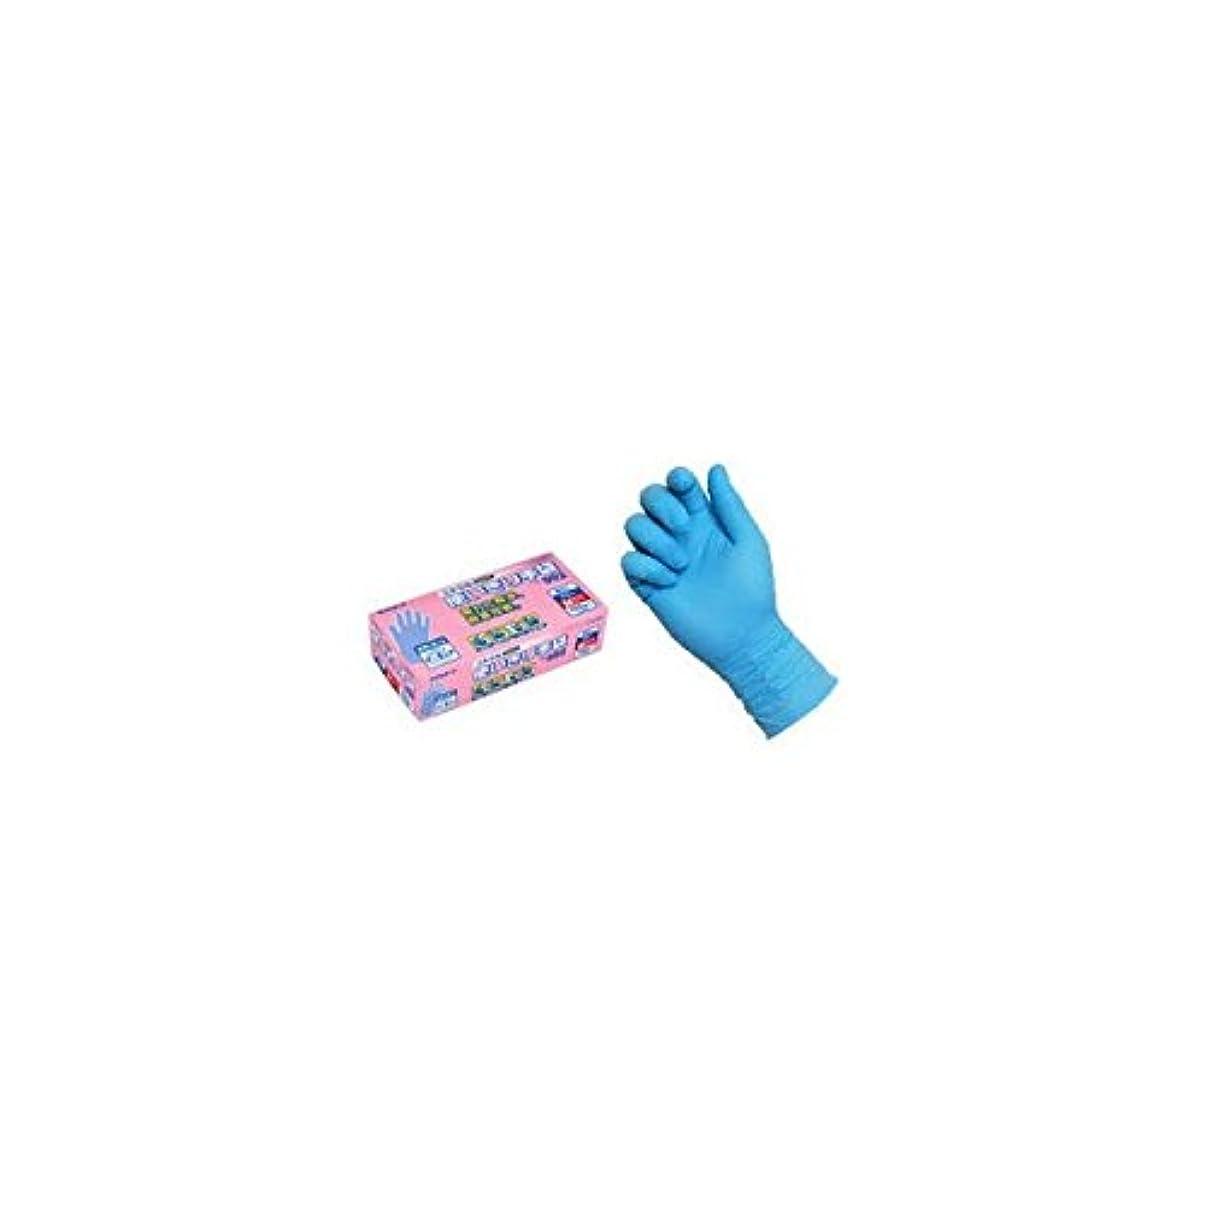 くぼみ支払うティームニトリル使いきり手袋 PF NO.992 L ブルー エステー 【商品CD】ST4786